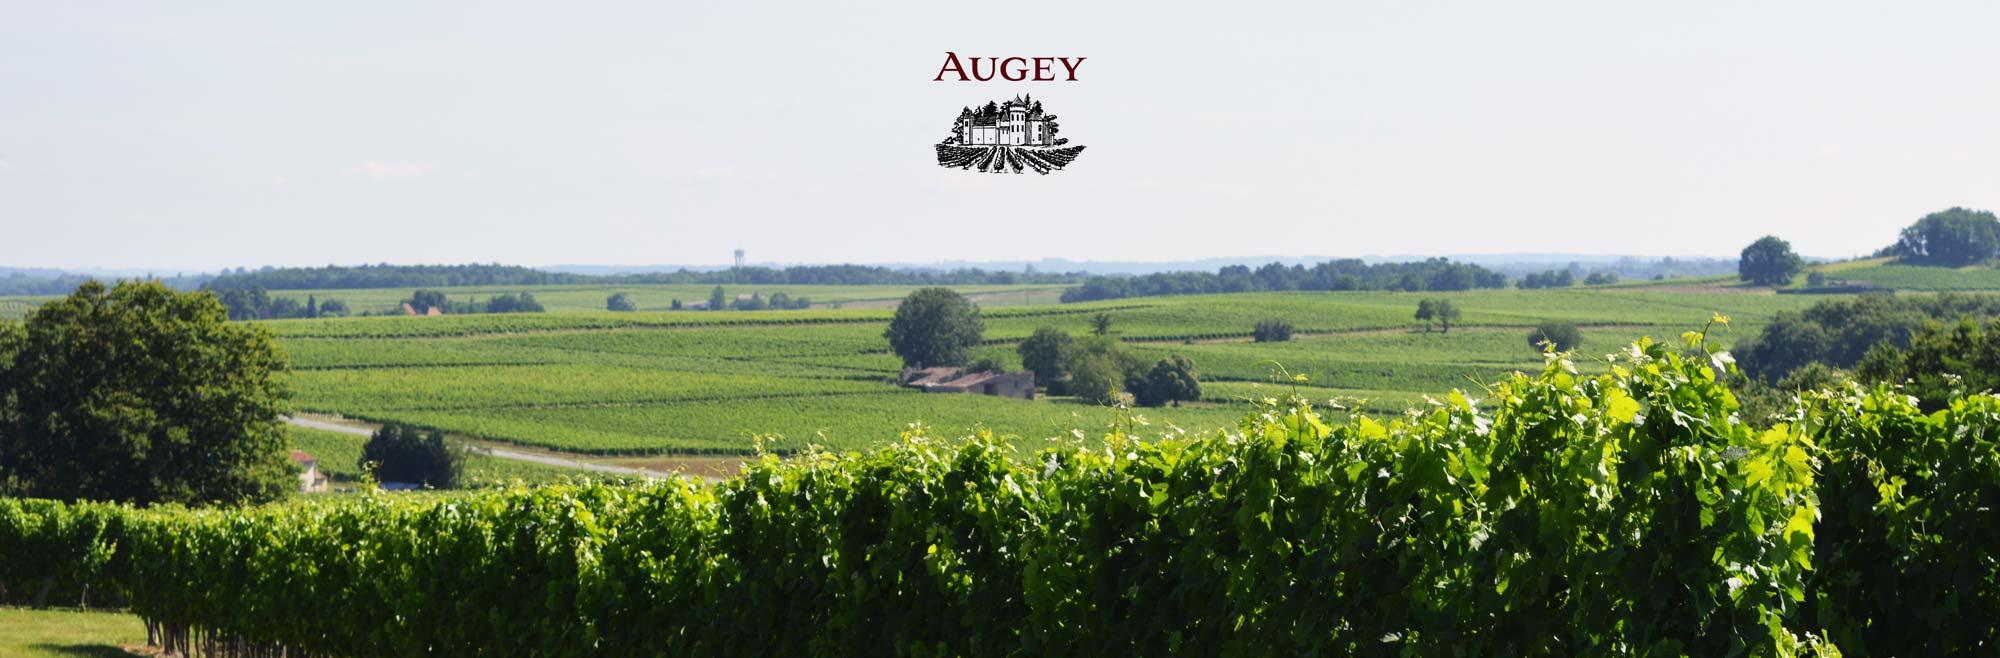 augey-logo-paysage2